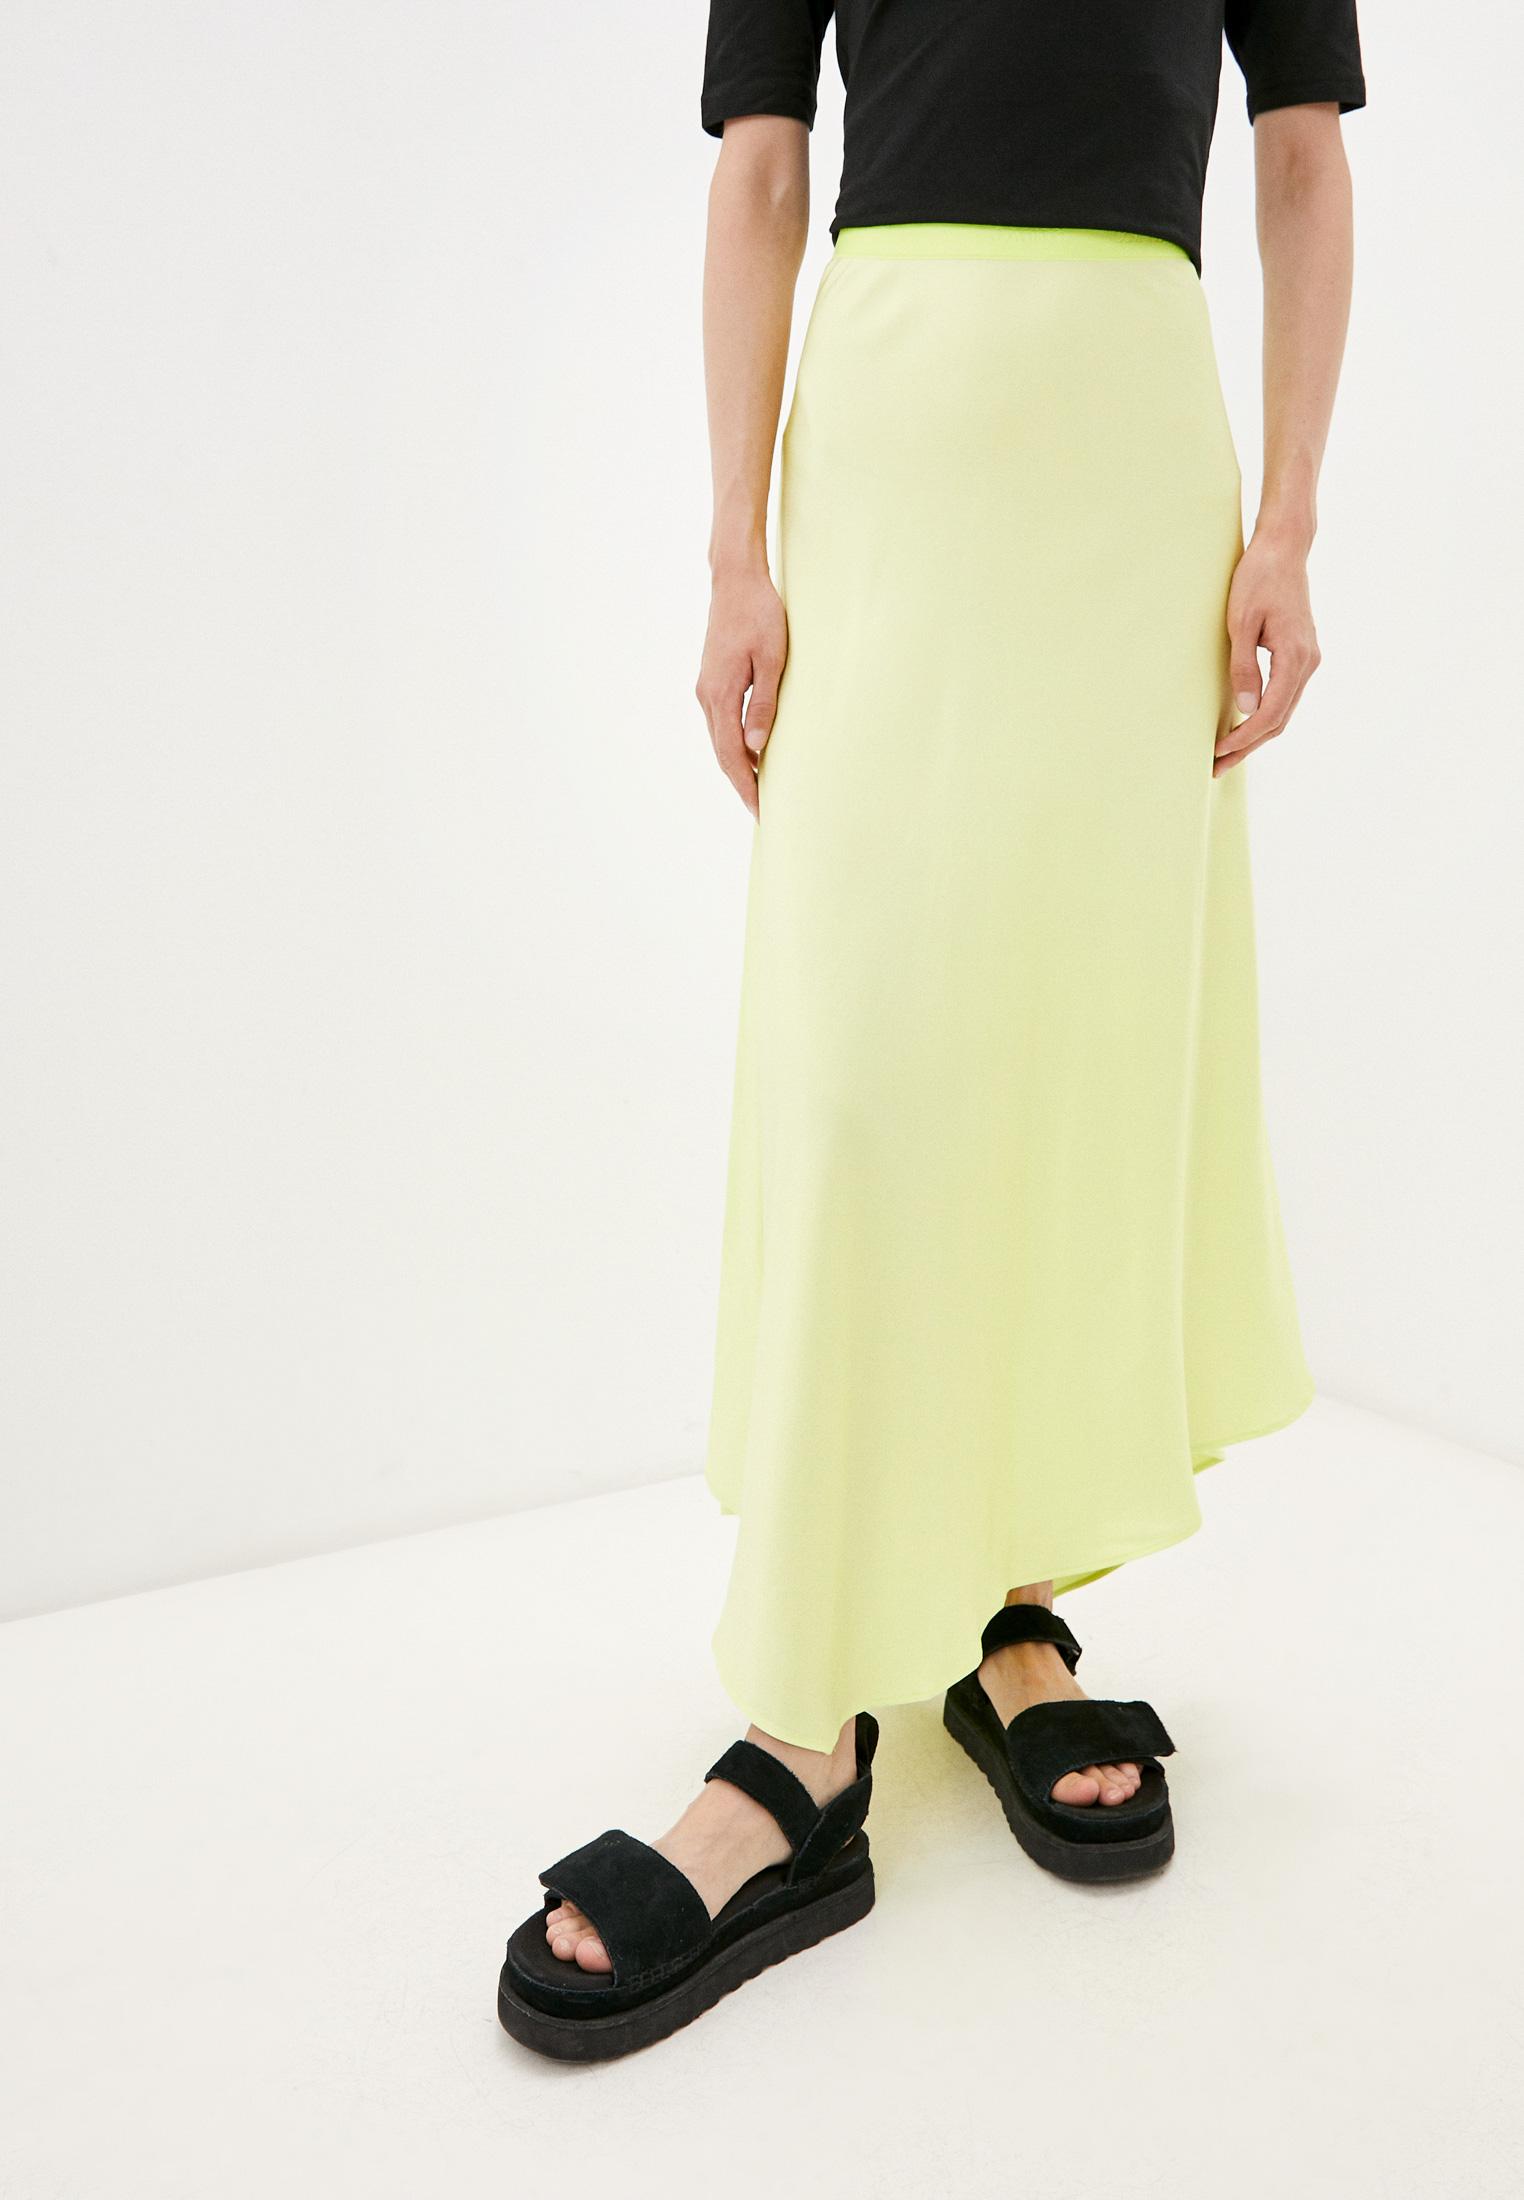 Широкая юбка Calvin Klein (Кельвин Кляйн) Юбка Calvin Klein